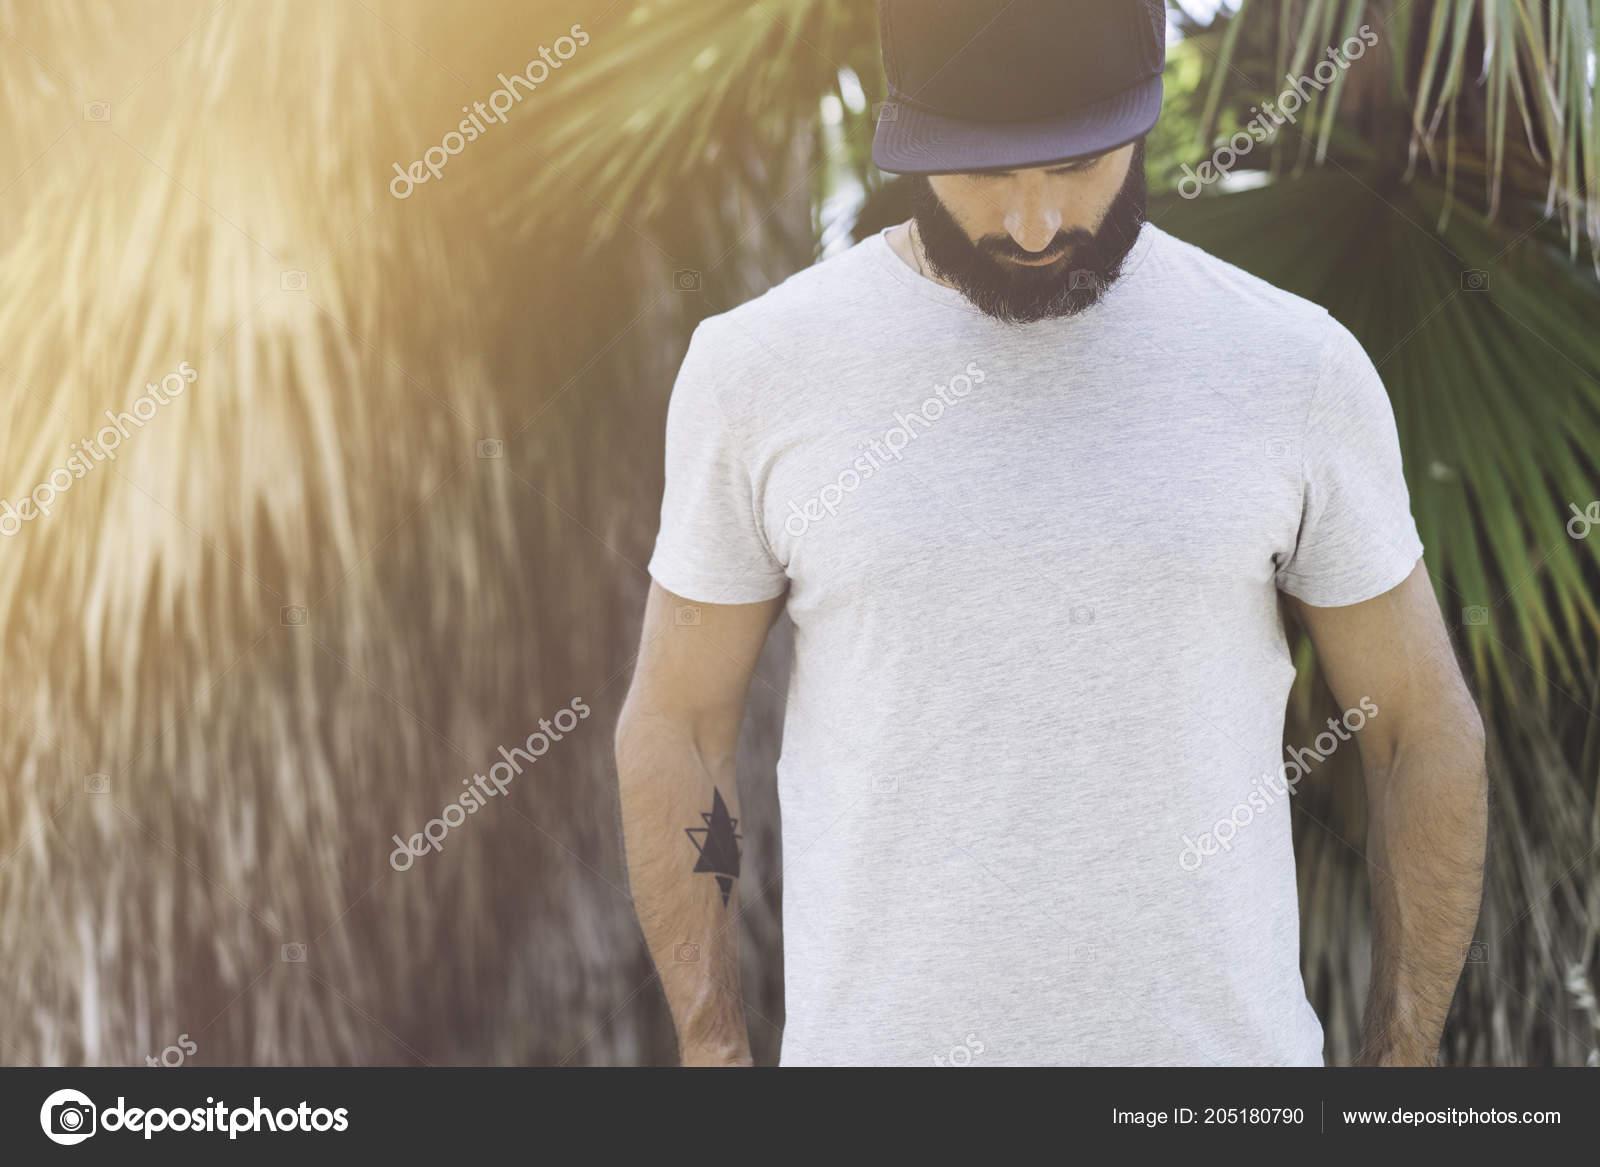 8d799f13467d0 depositphotos 205180790-stock-photo-bearded-muscular-hipster-man-model.jpg